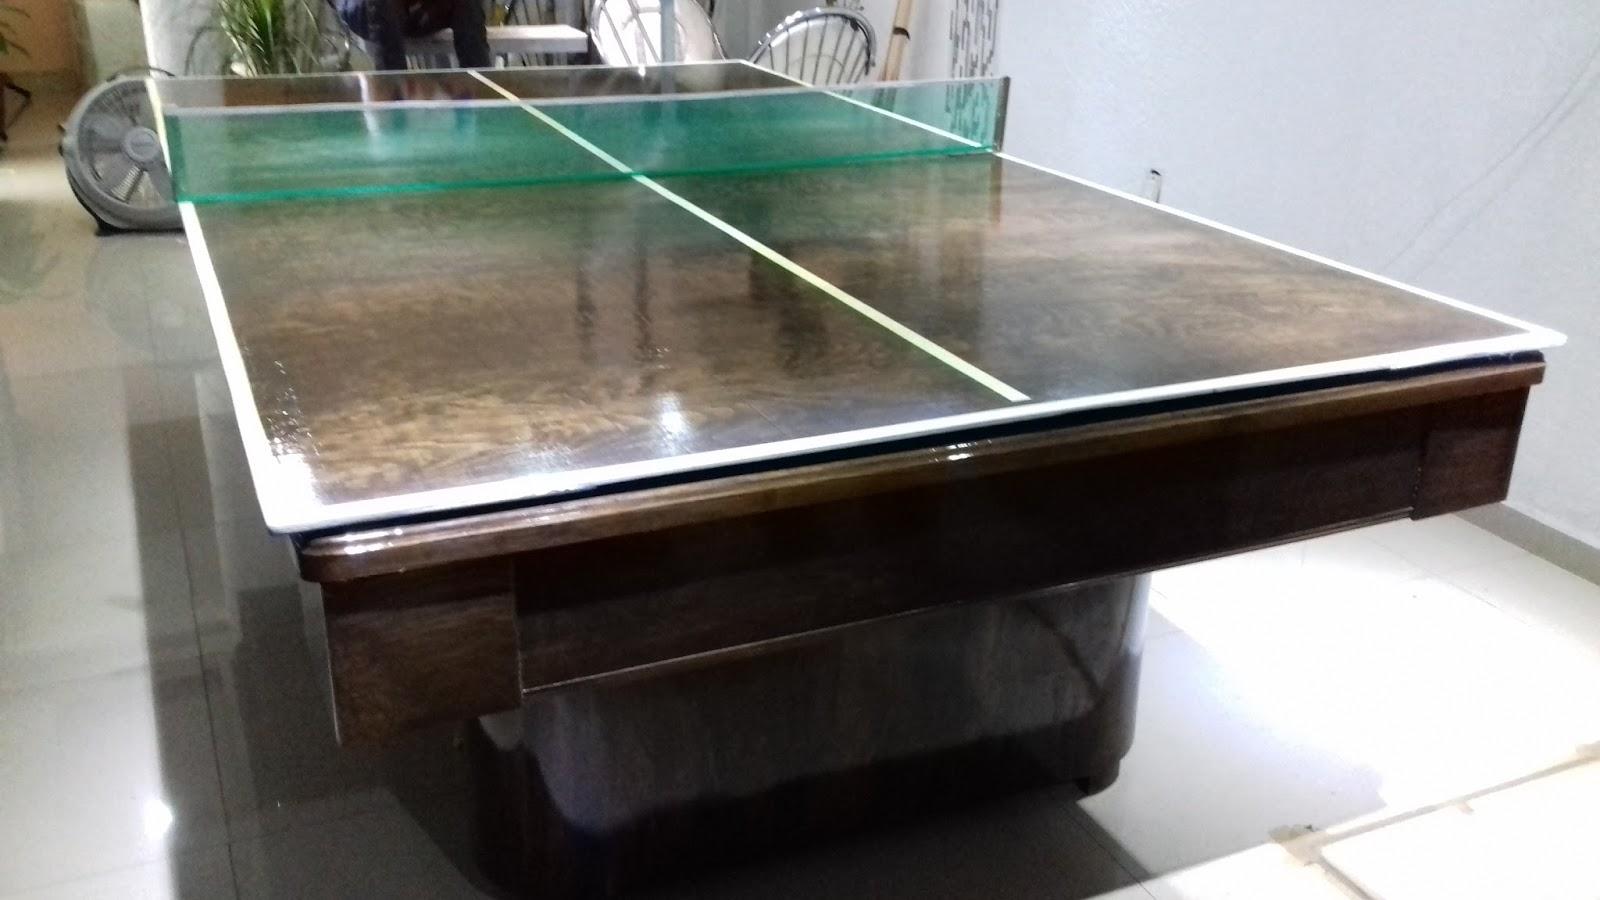 22407aaf6 ... tapa que consta de dos piezas que nosotros te podemos fabricar a la  medida de tu mesa y así darle un uso distinto para que no solo sea de un  solo juego.